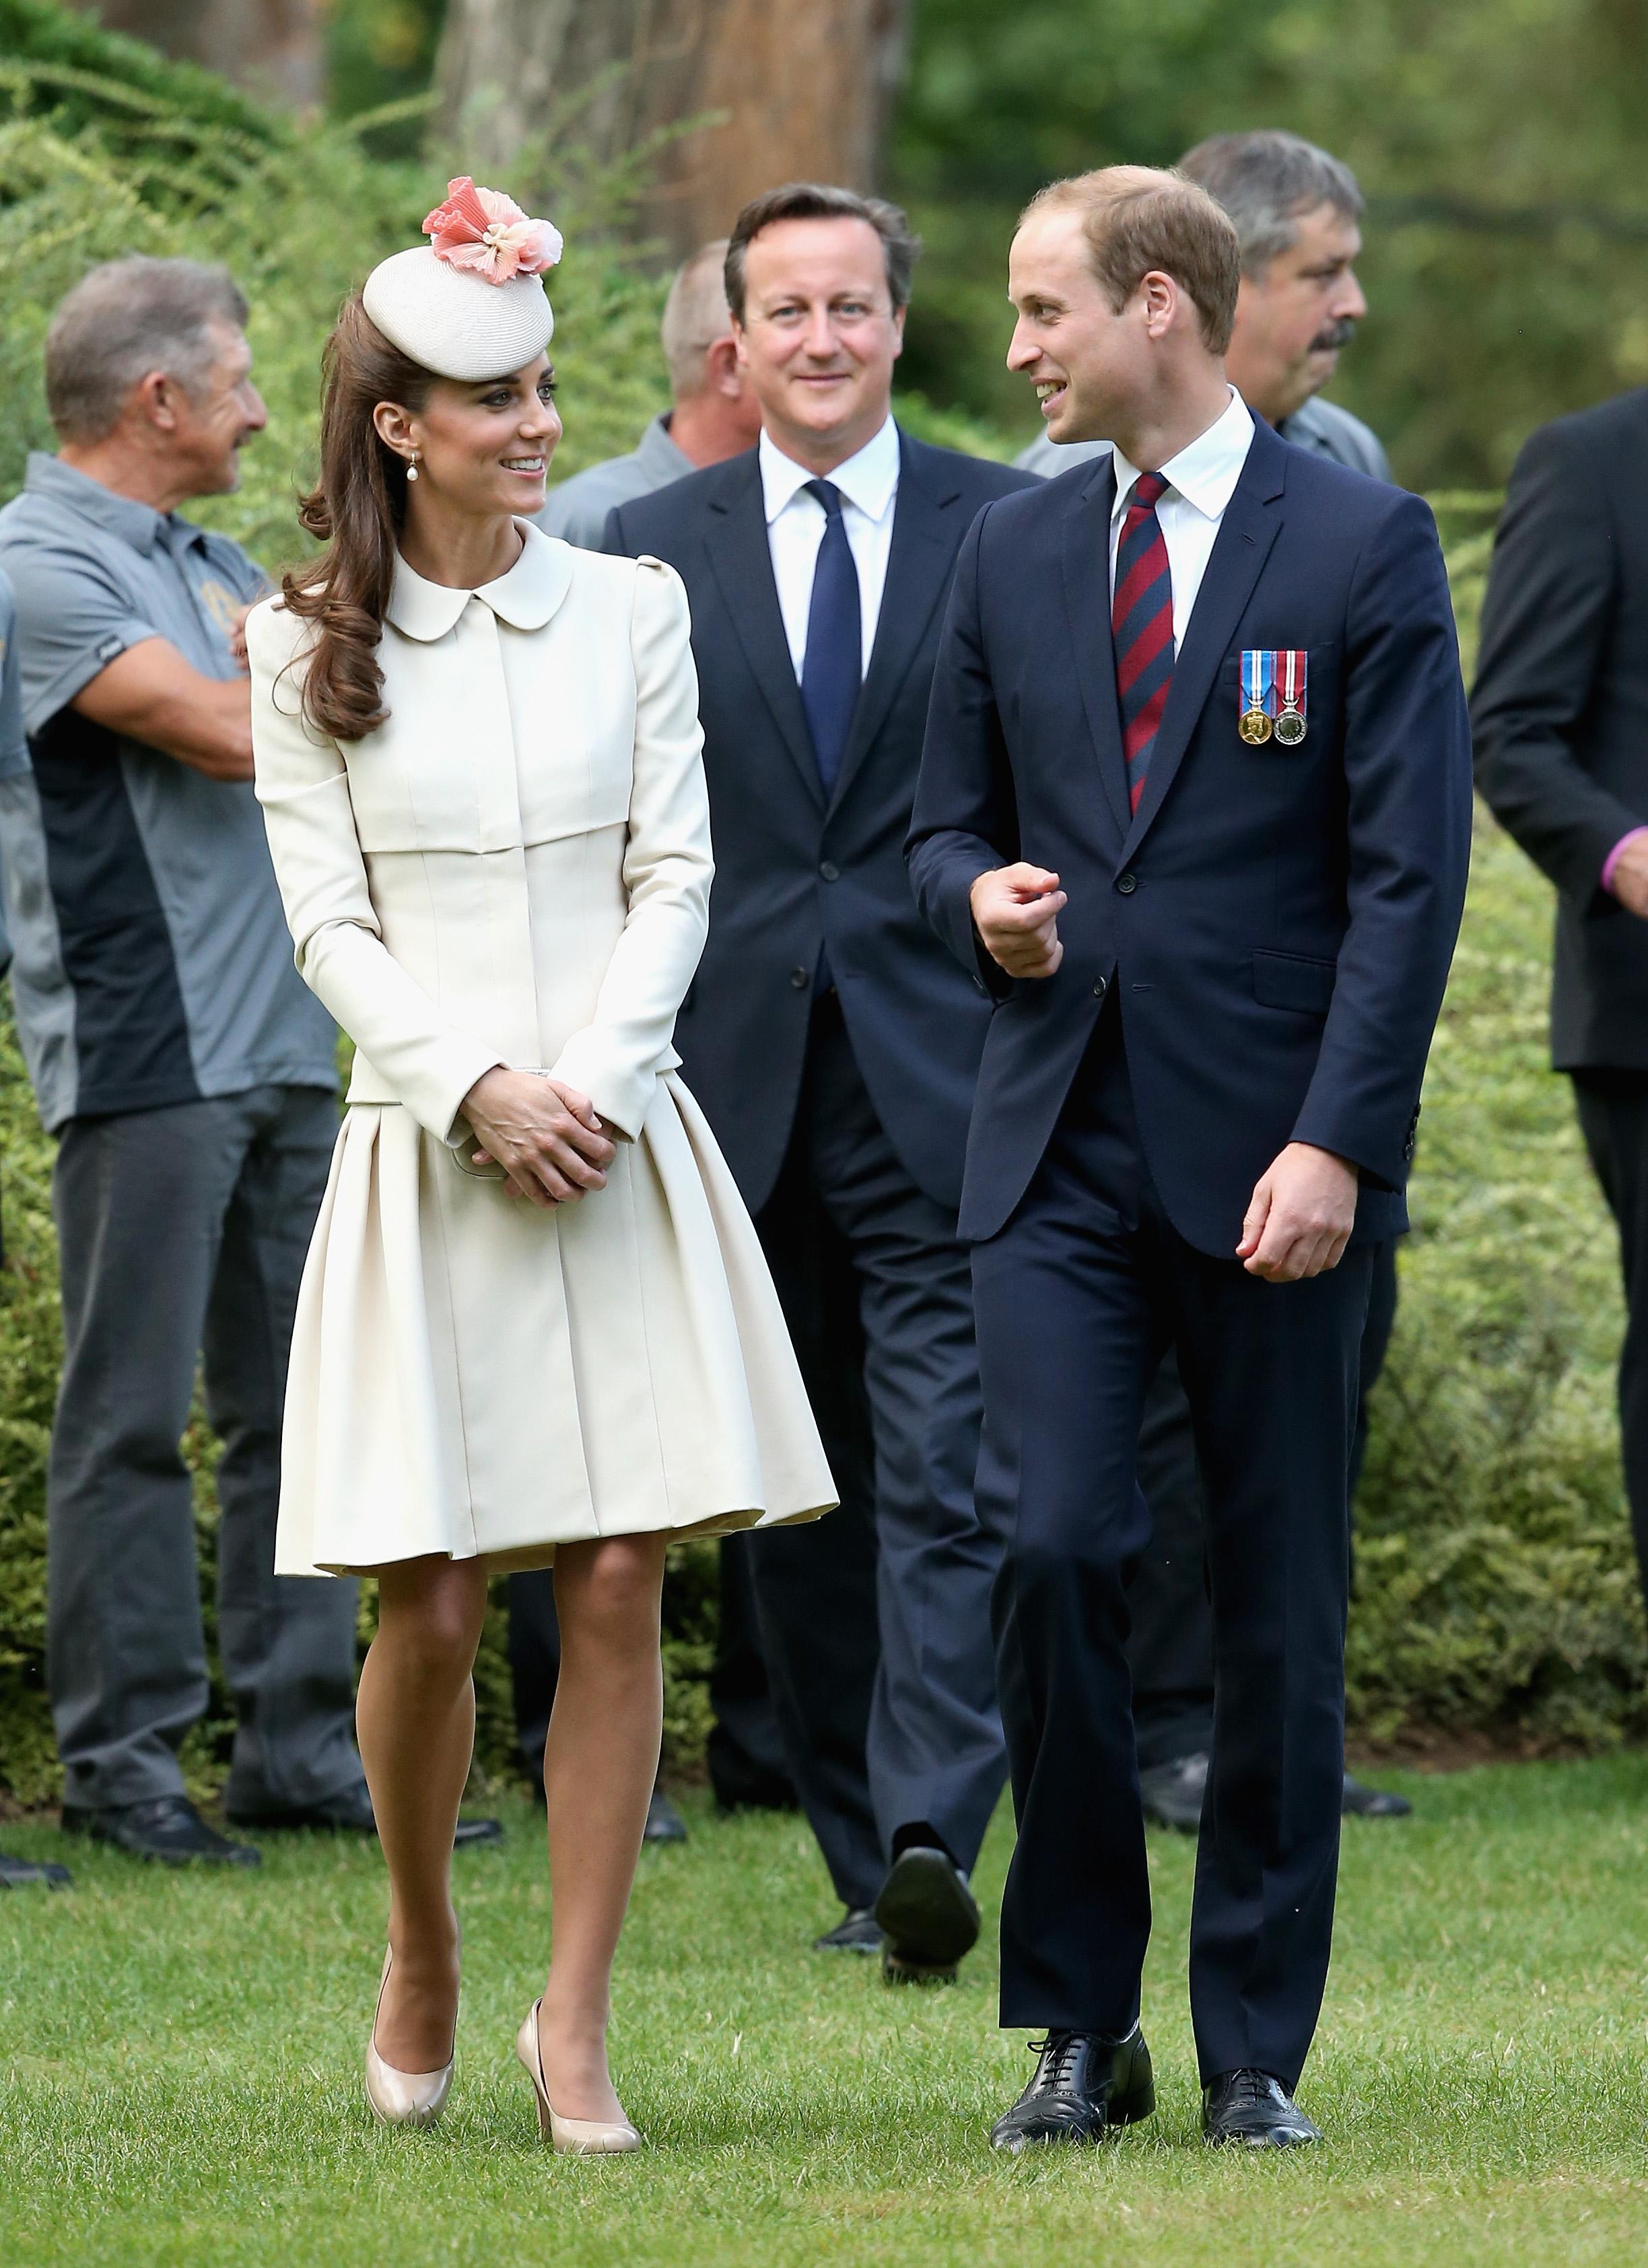 кэтрин и принц уильям фото появился, когда возник